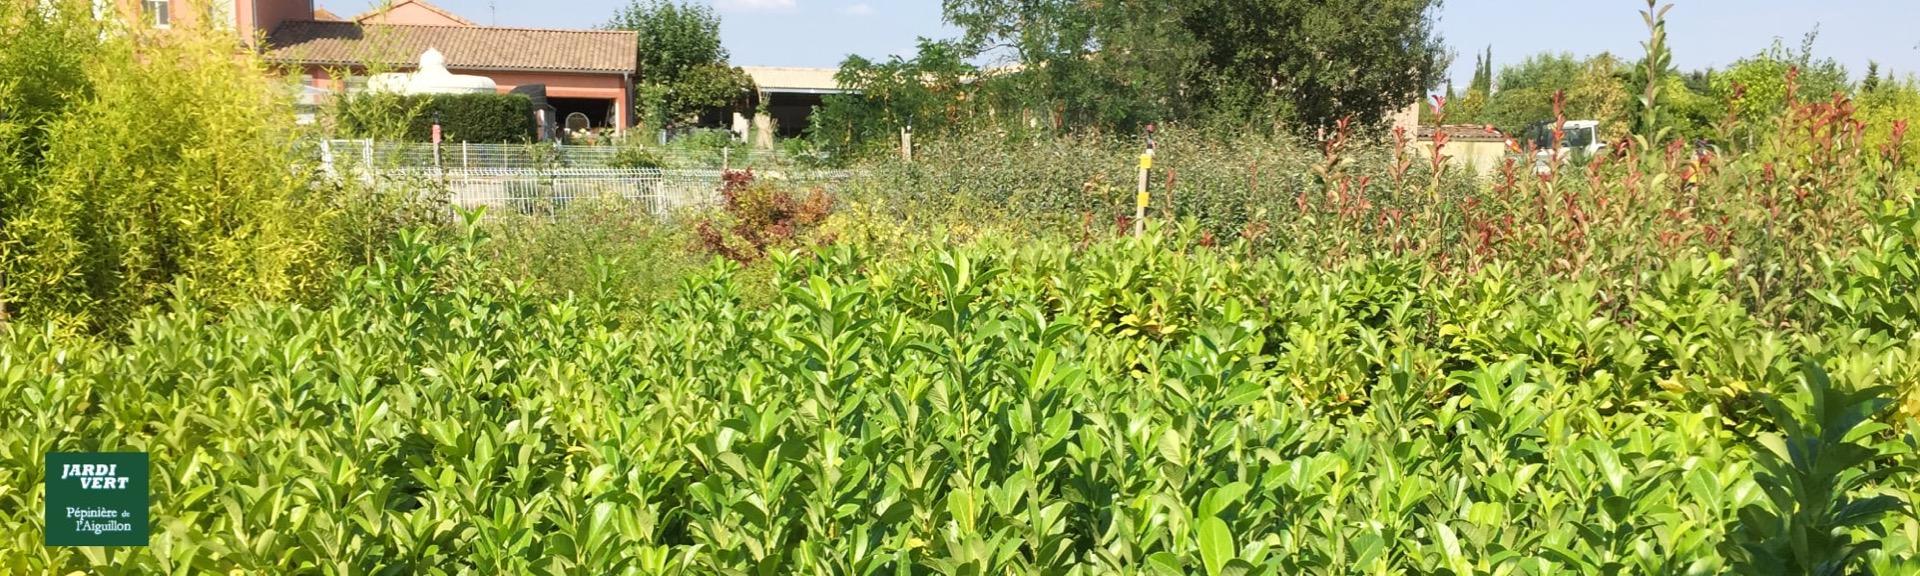 Vente de plans de photinia red robin - Pépinière de l'Aiguillon jardinerie à Toulouse